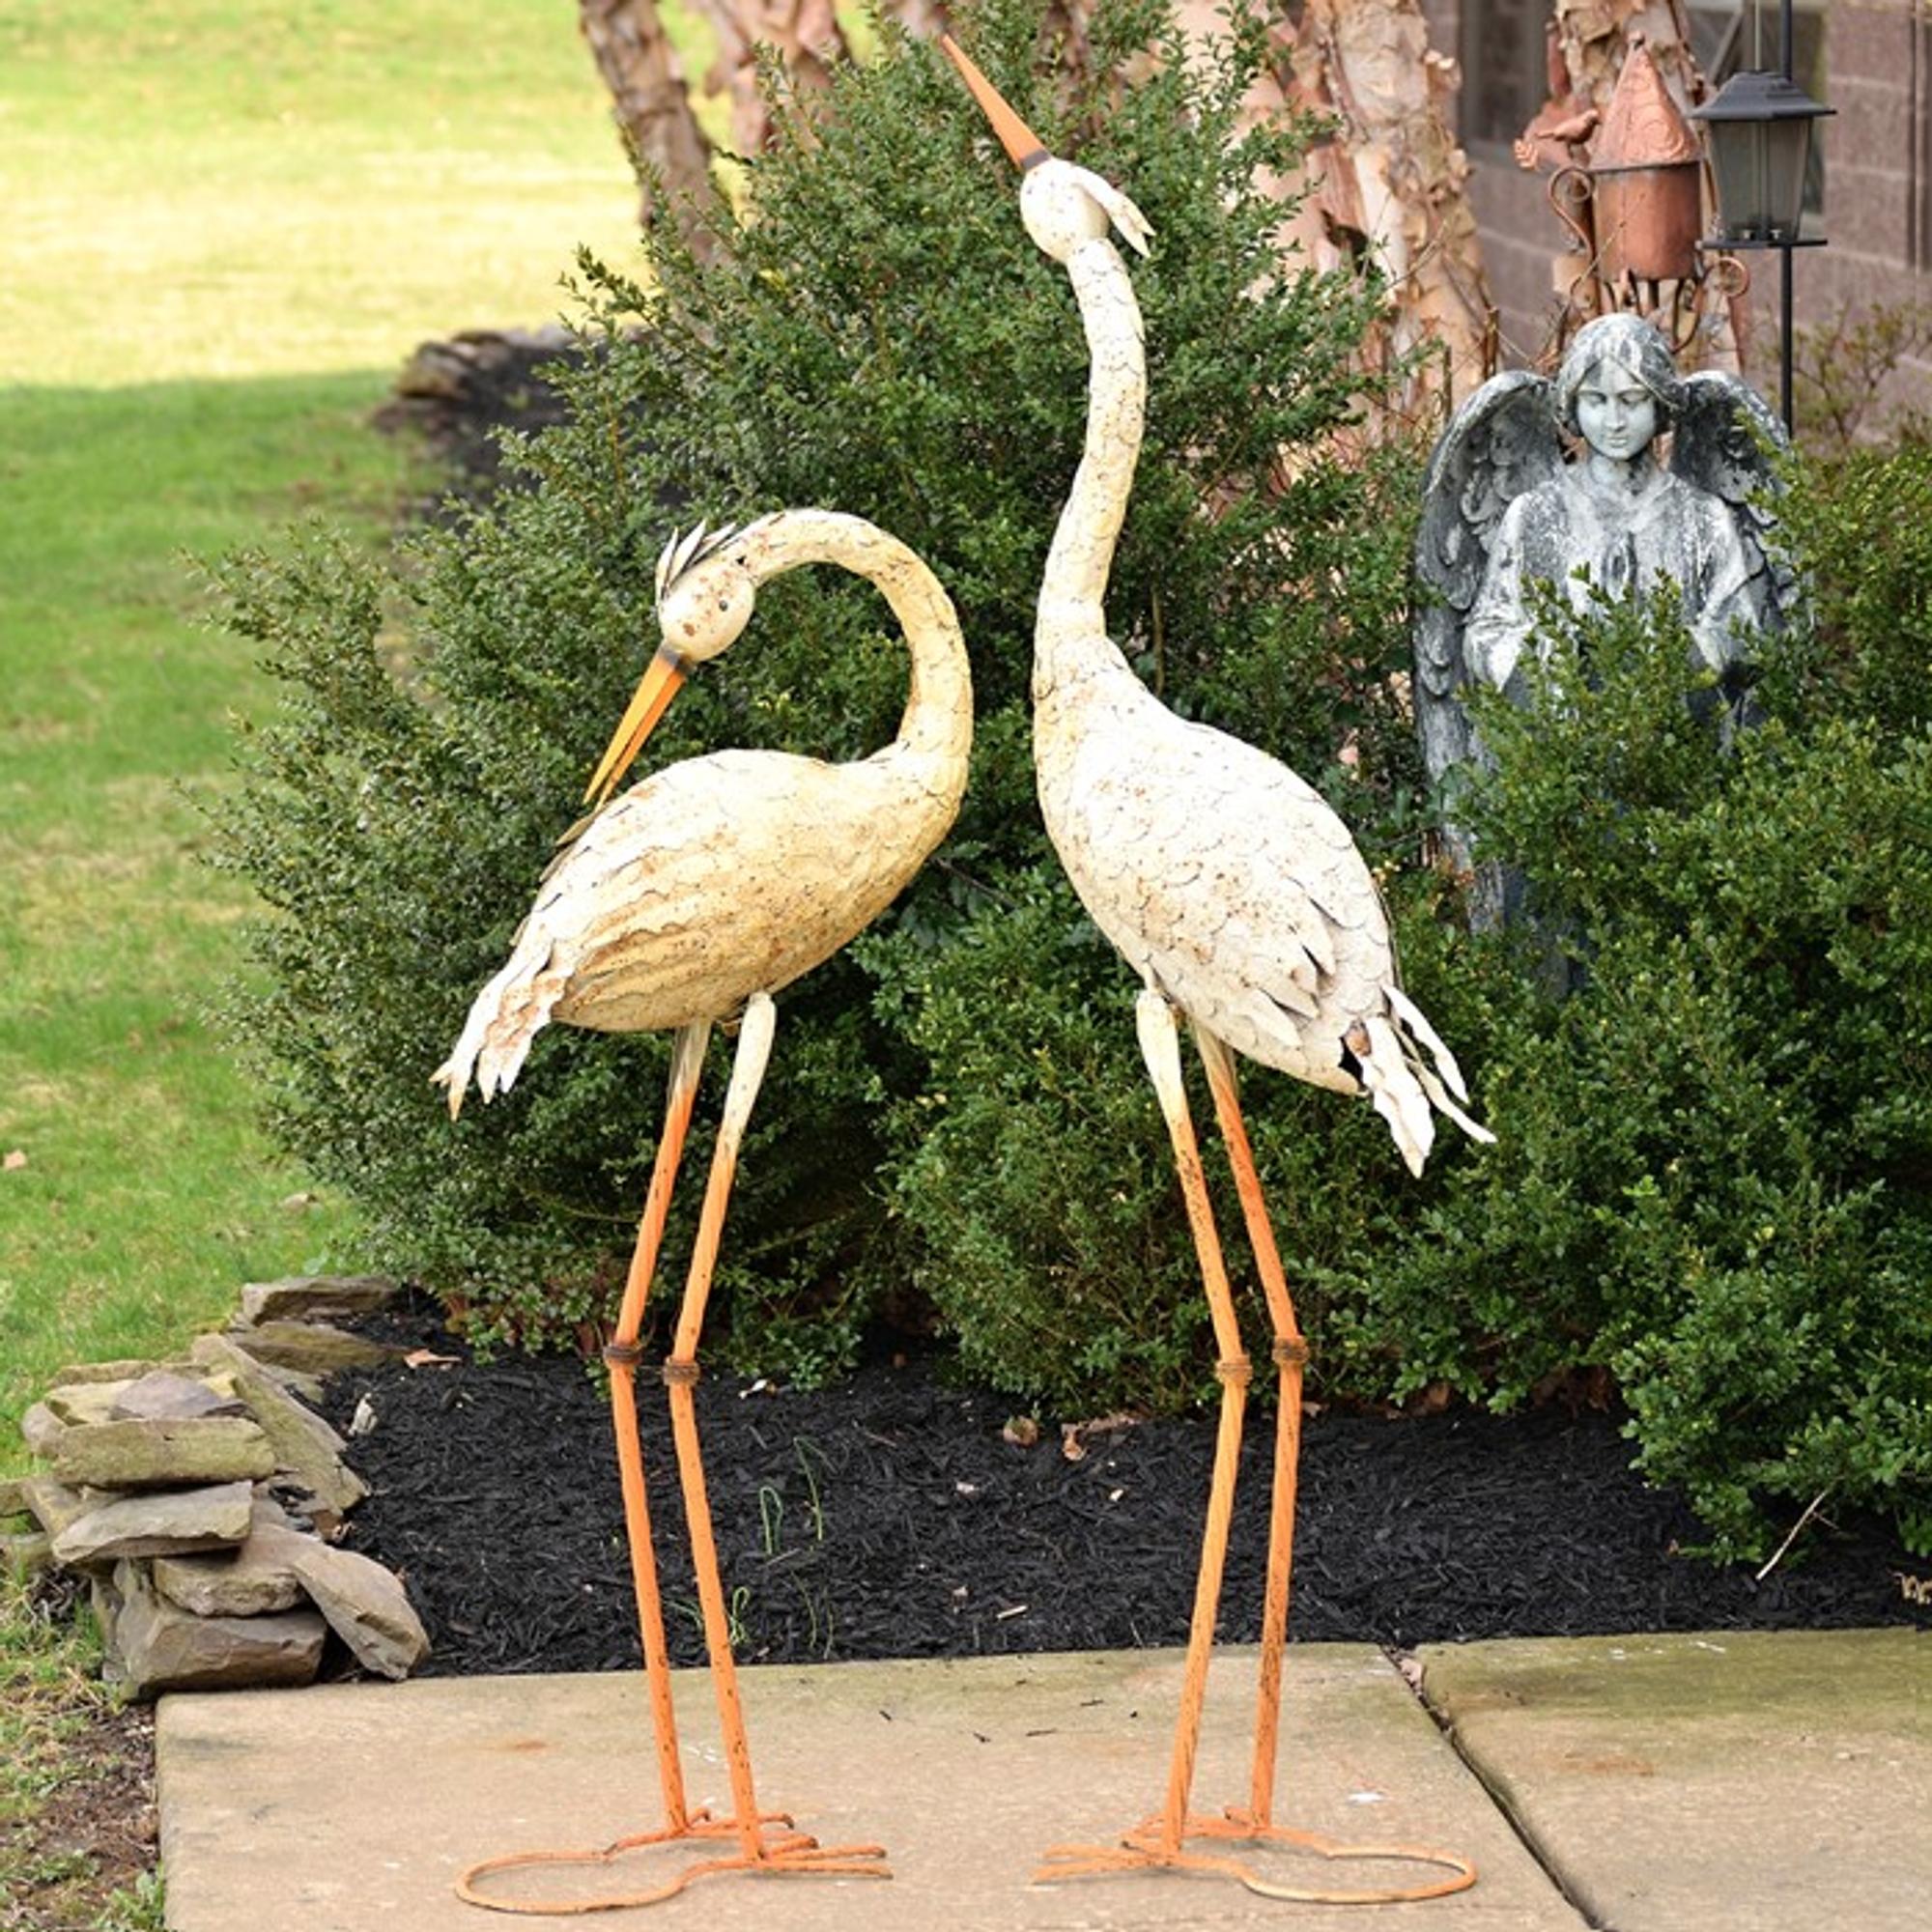 Rusty Heron Sculpture Outdoor Metal Heron Statue Garden Decor